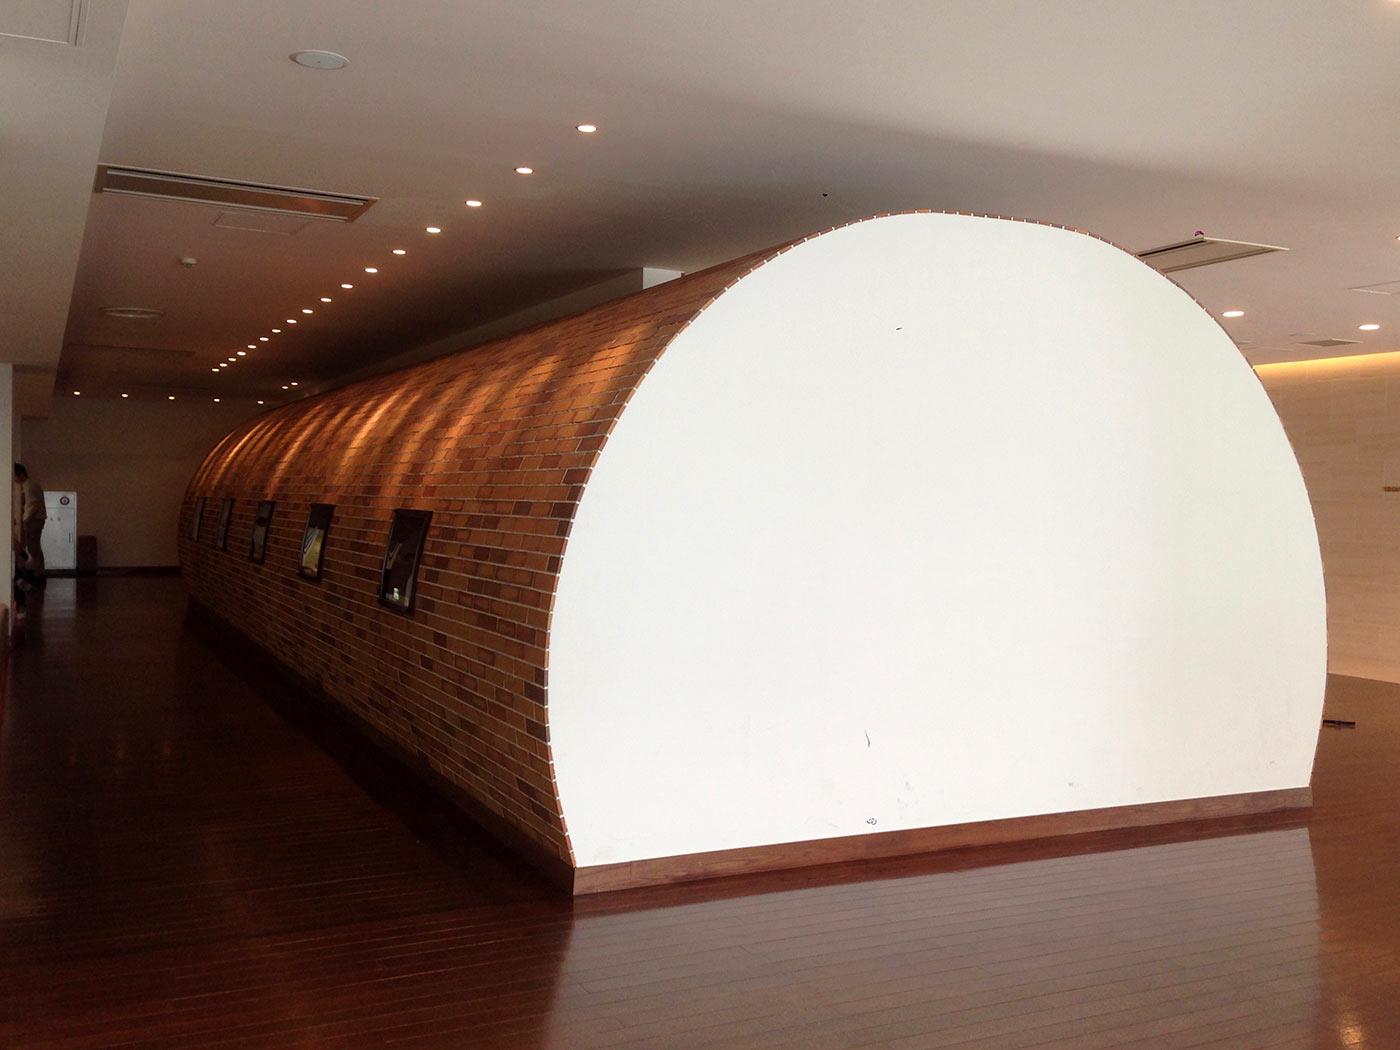 うなぎの寝床をイメージした展示スペース